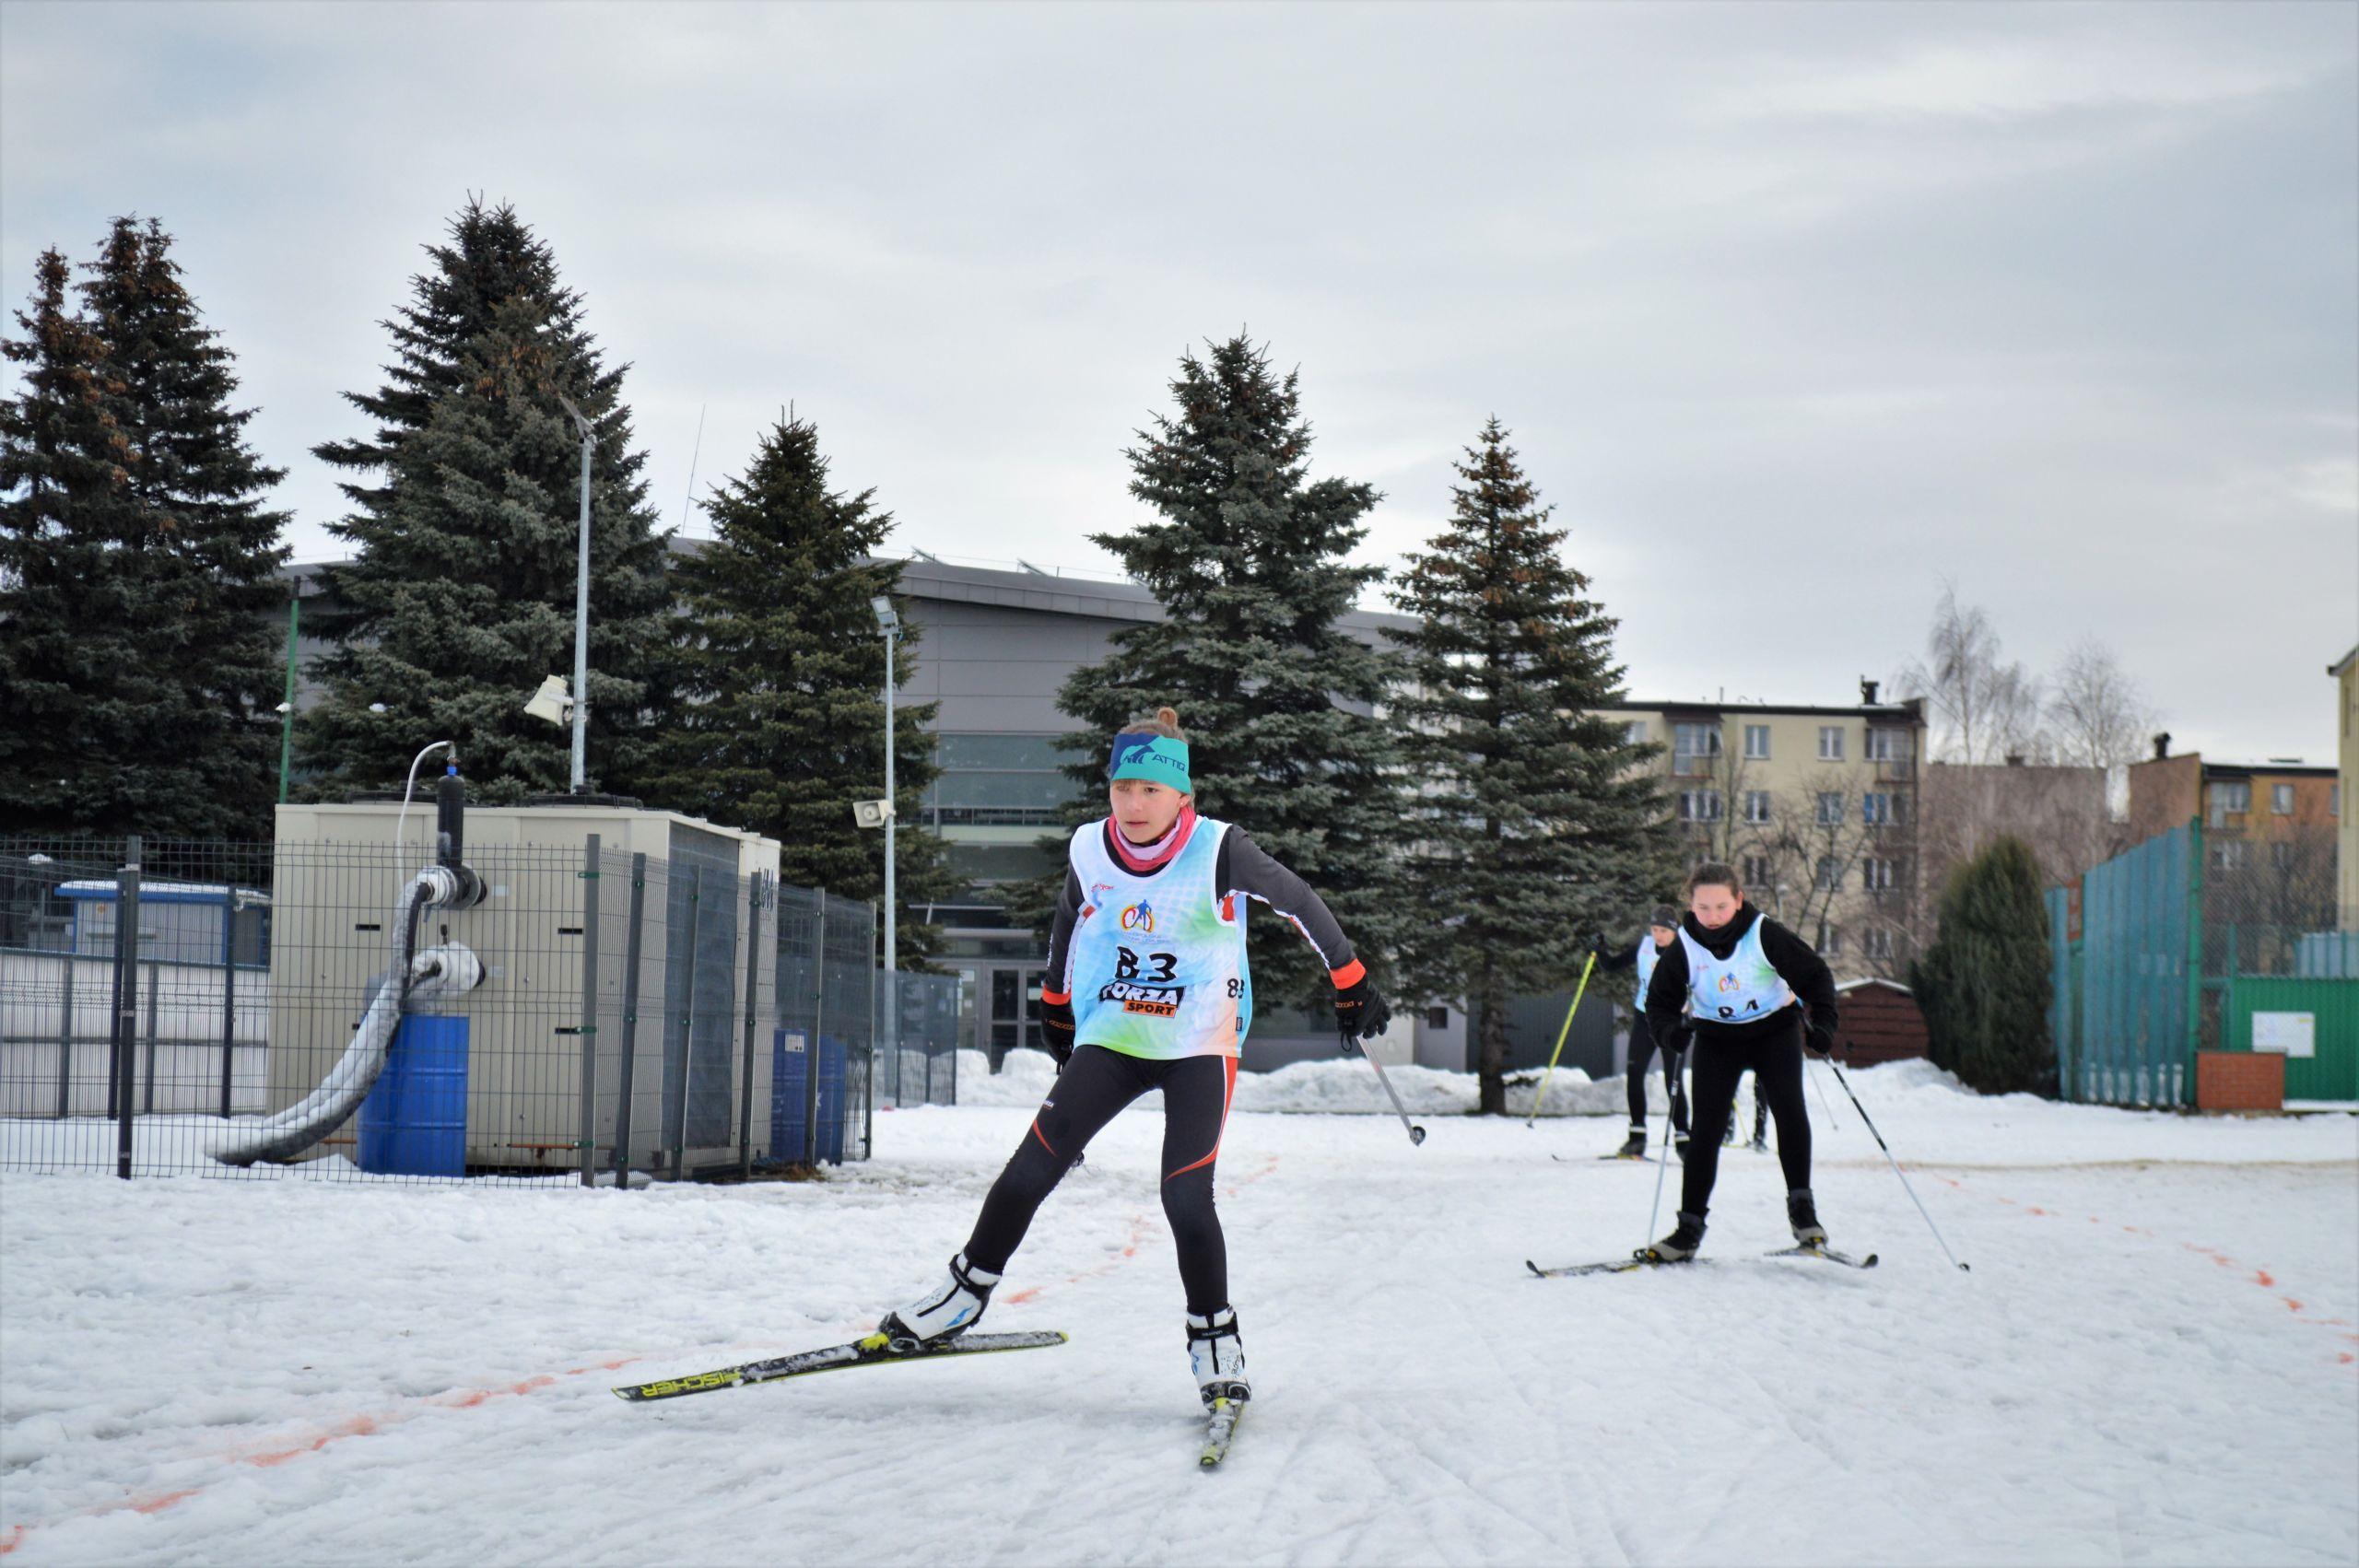 Zawodnicy podczas biegu